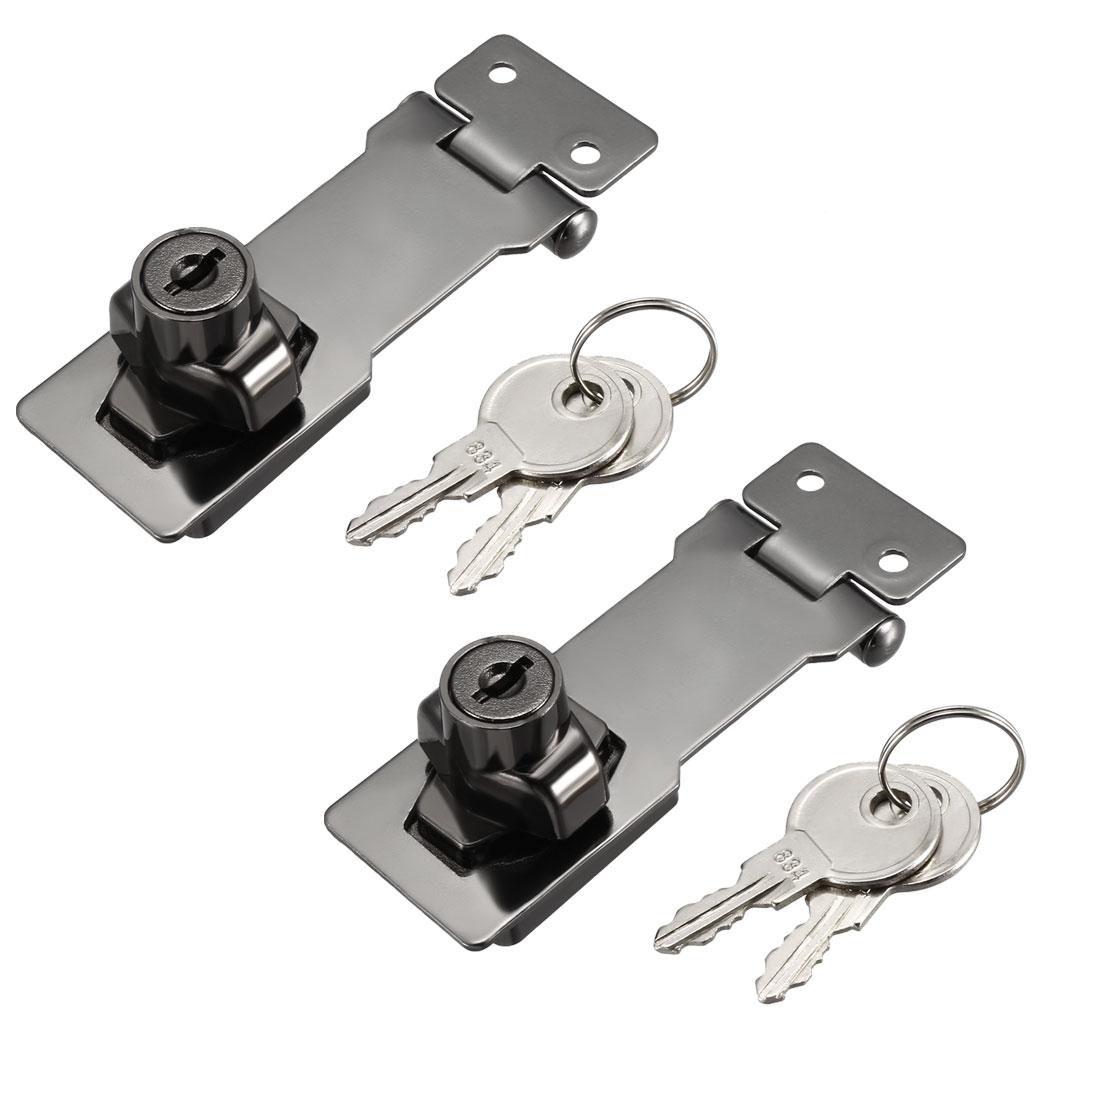 Keyed Hasp Lock 95mm Twist Knob Keyed Locking Hasp Bright Black 2 Pcs